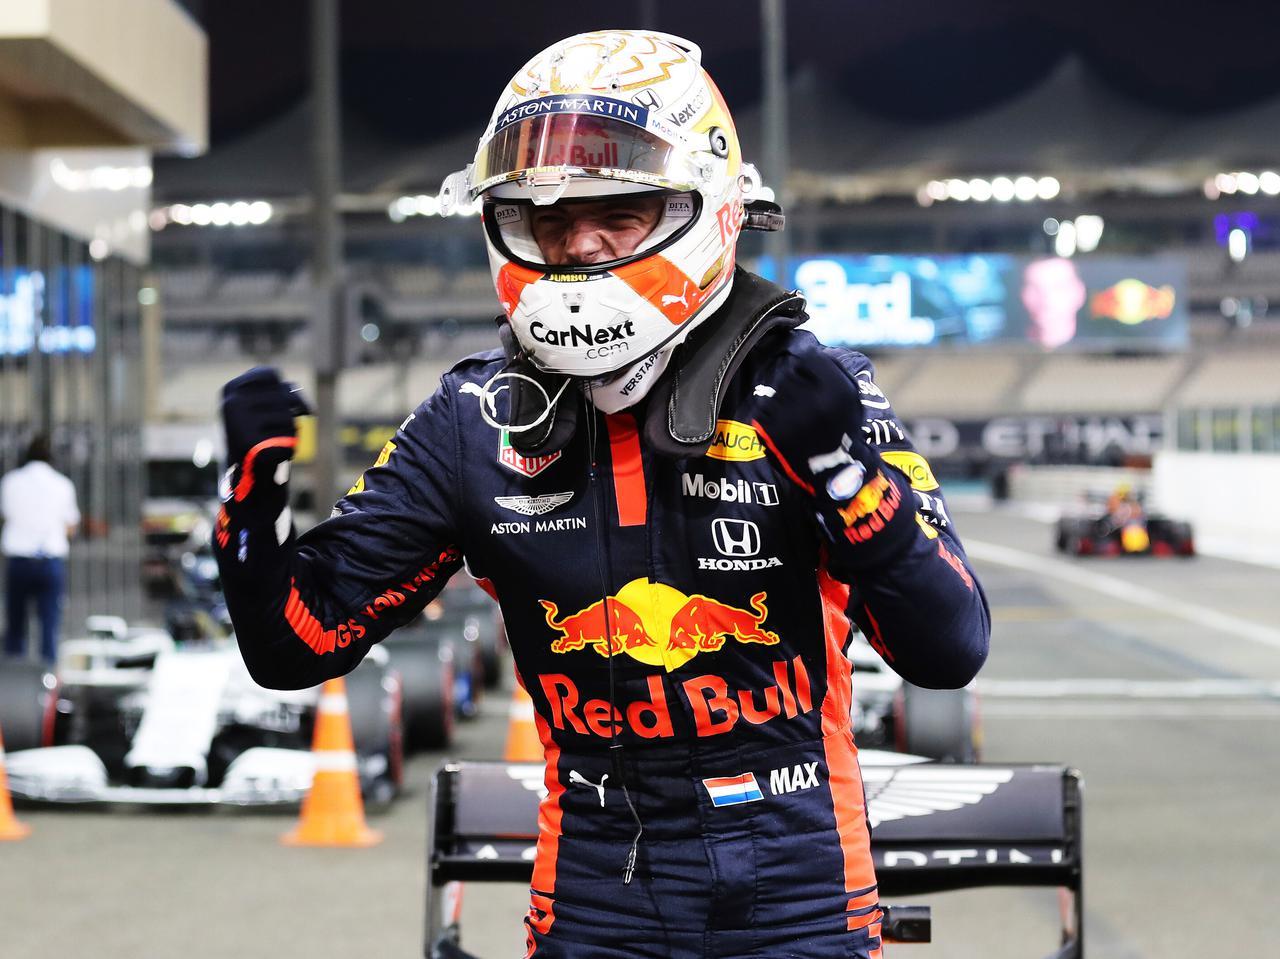 F1アブダビGP予選、フェルスタッペンが今季初ポール。そのコメントから期待はさらに高まる!【モータースポーツ】